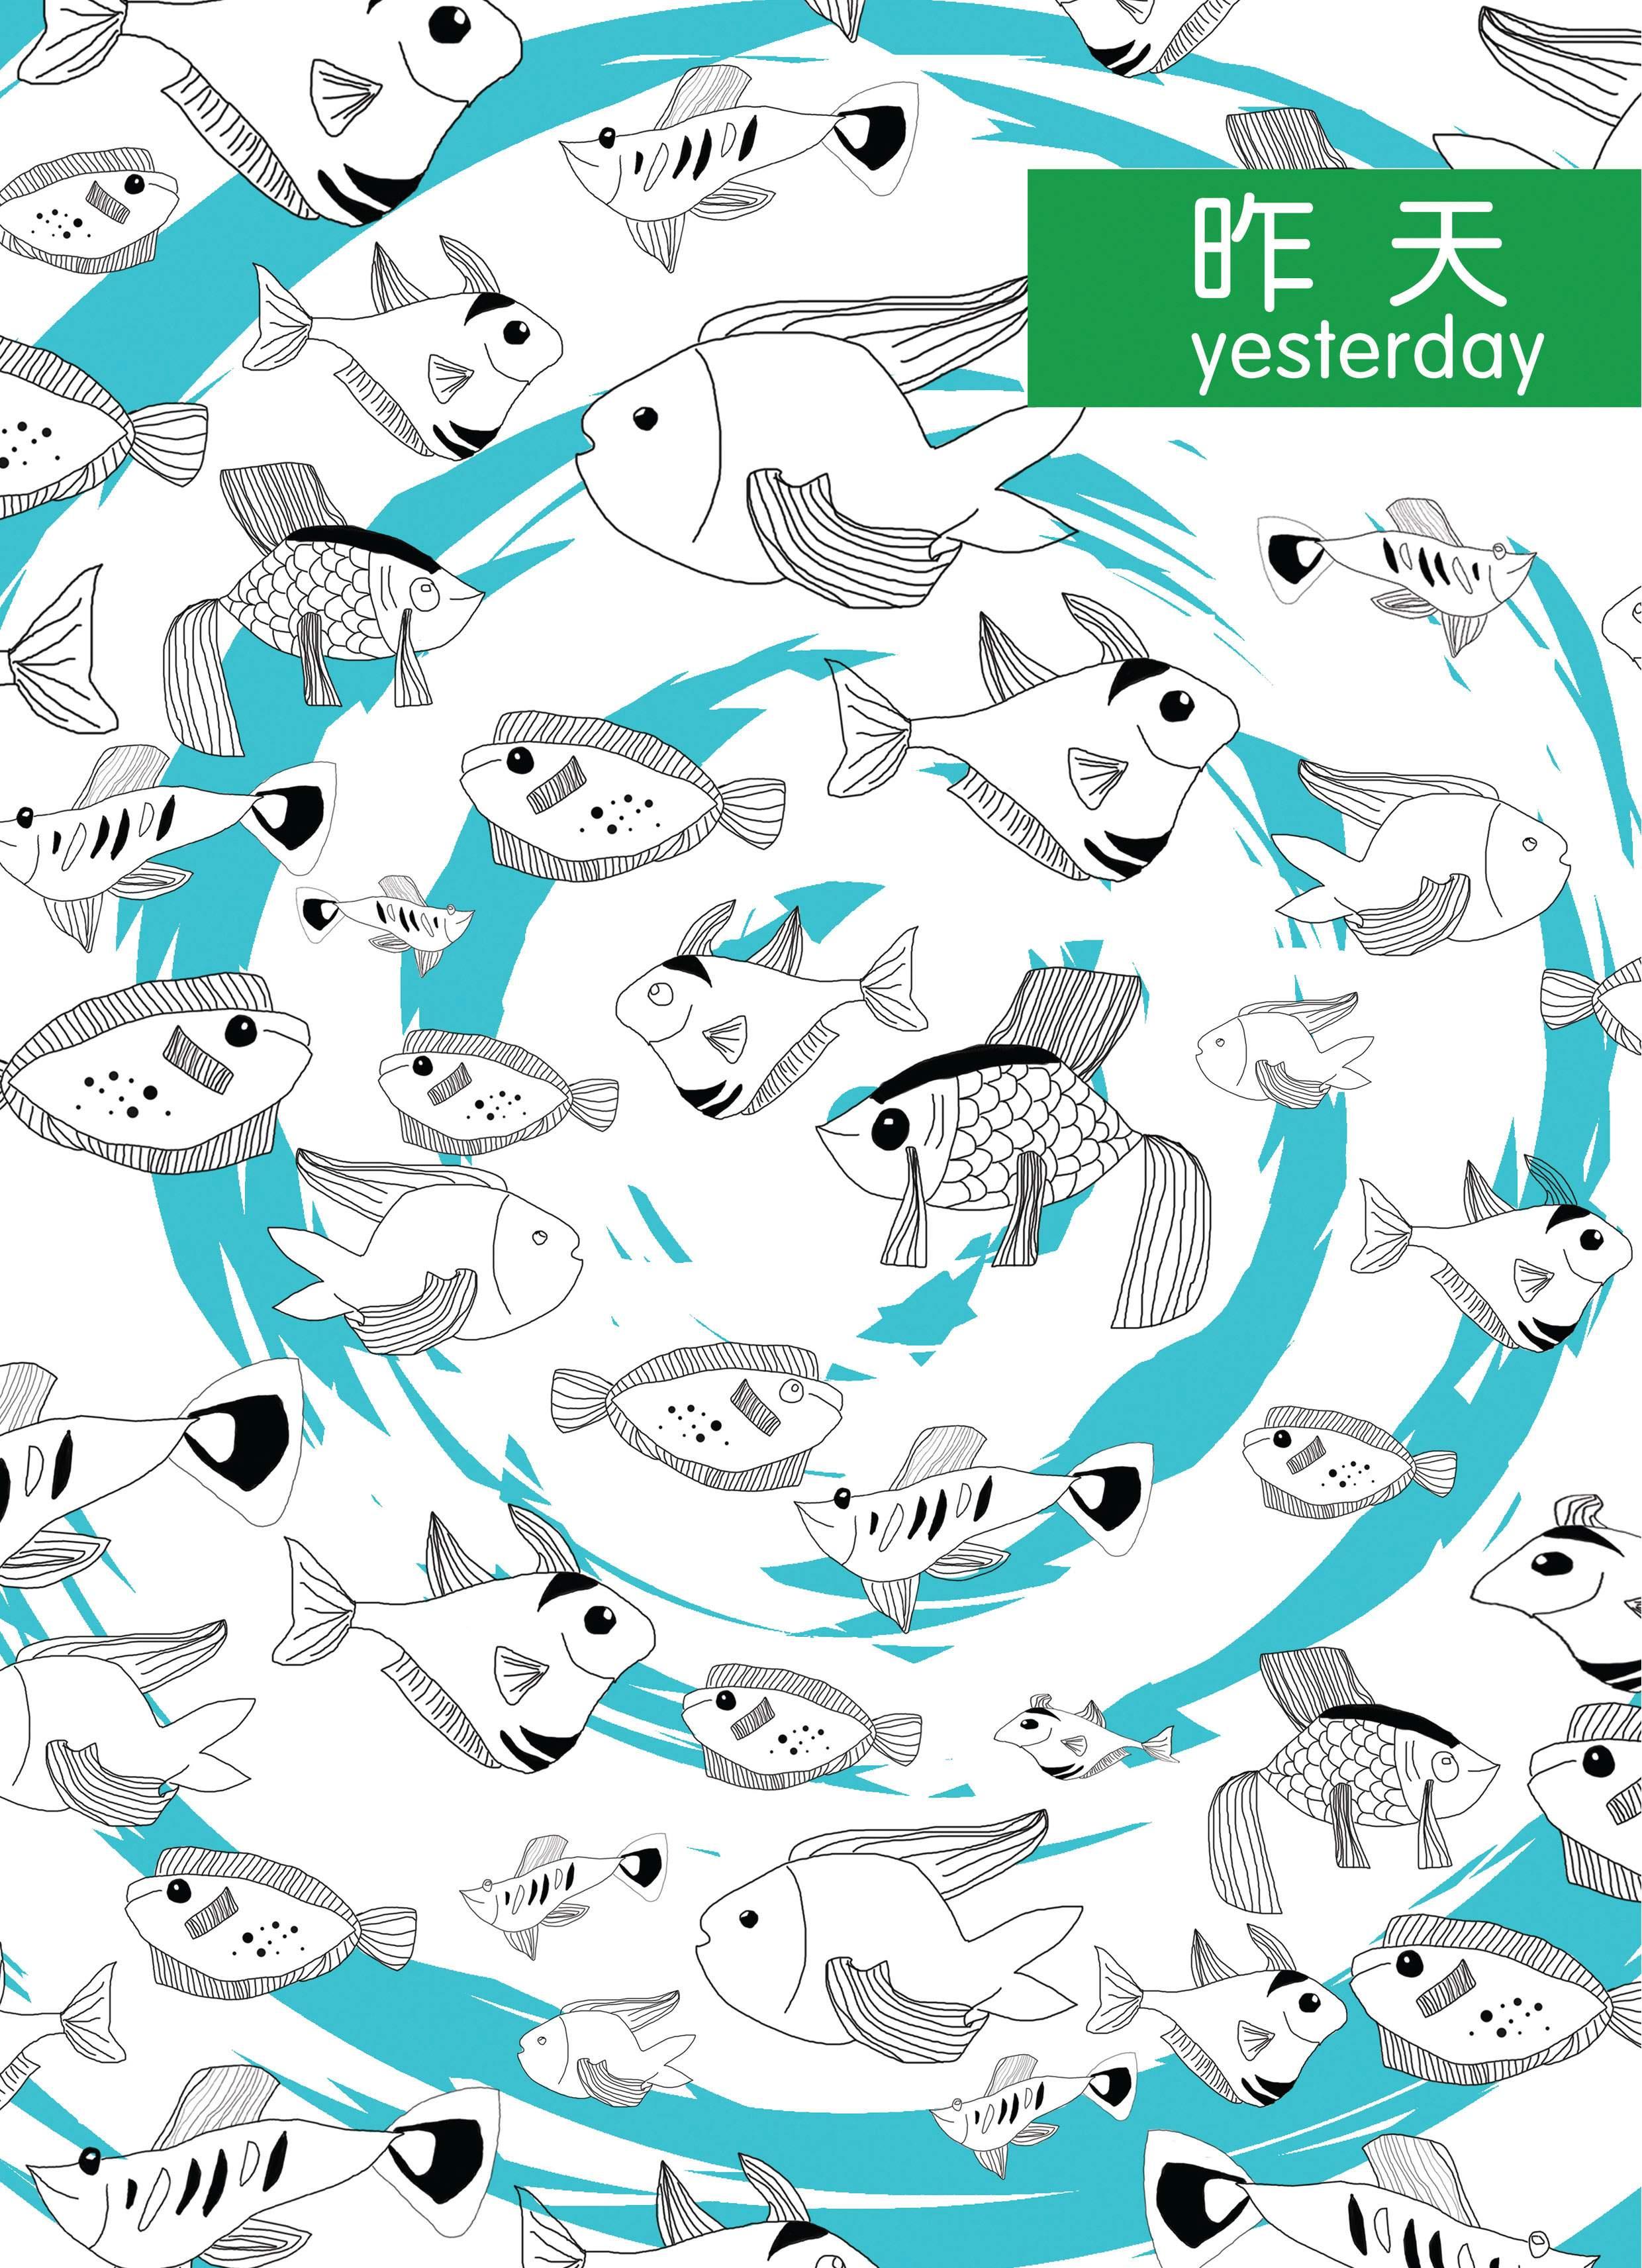 四年级水资源海报手绘